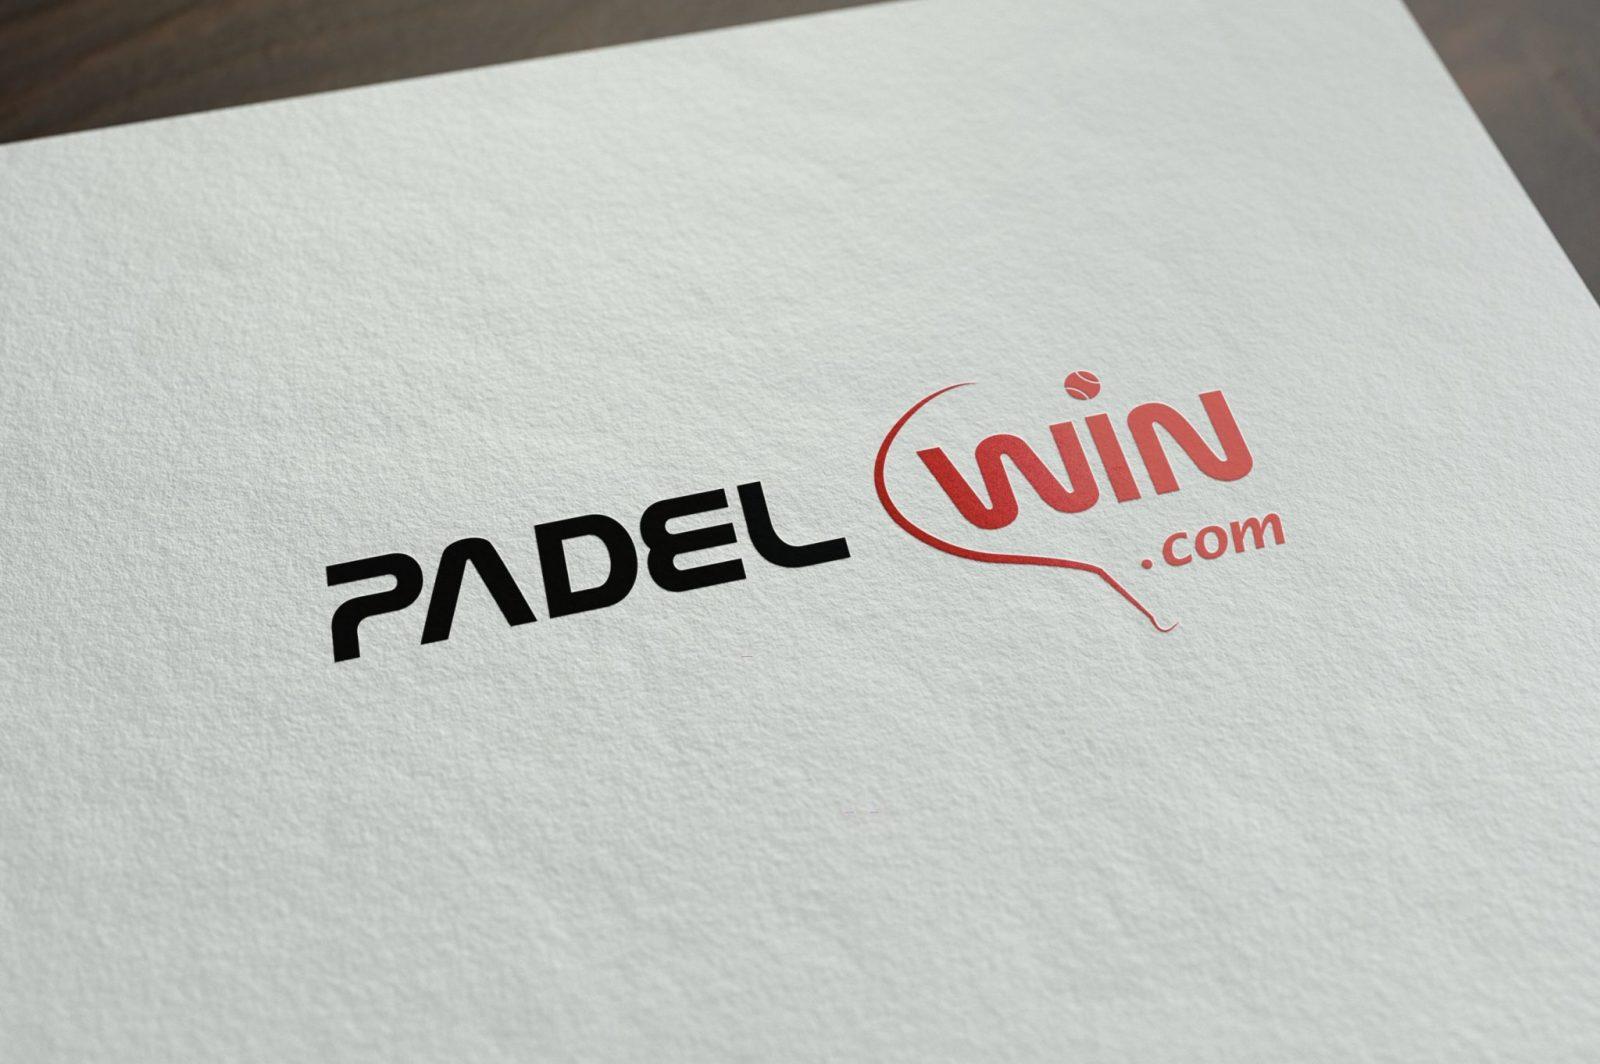 Diseño de marca profesional de padel